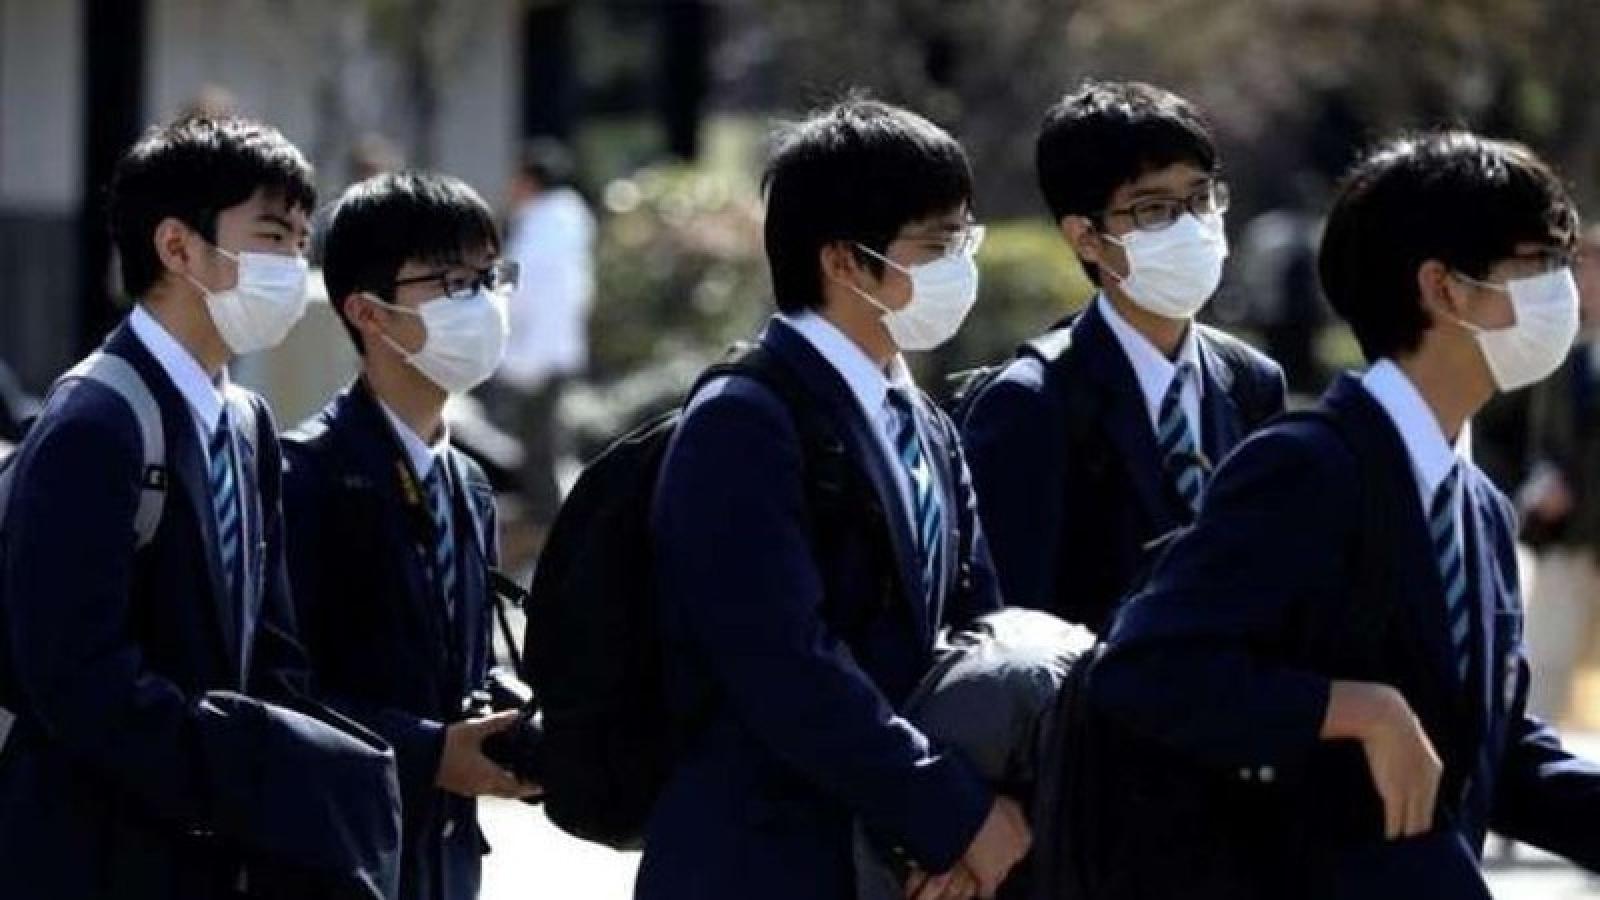 Nhật Bản xem xét hỗ trợ tiền cho sinh viên vượt dịch Covid-19